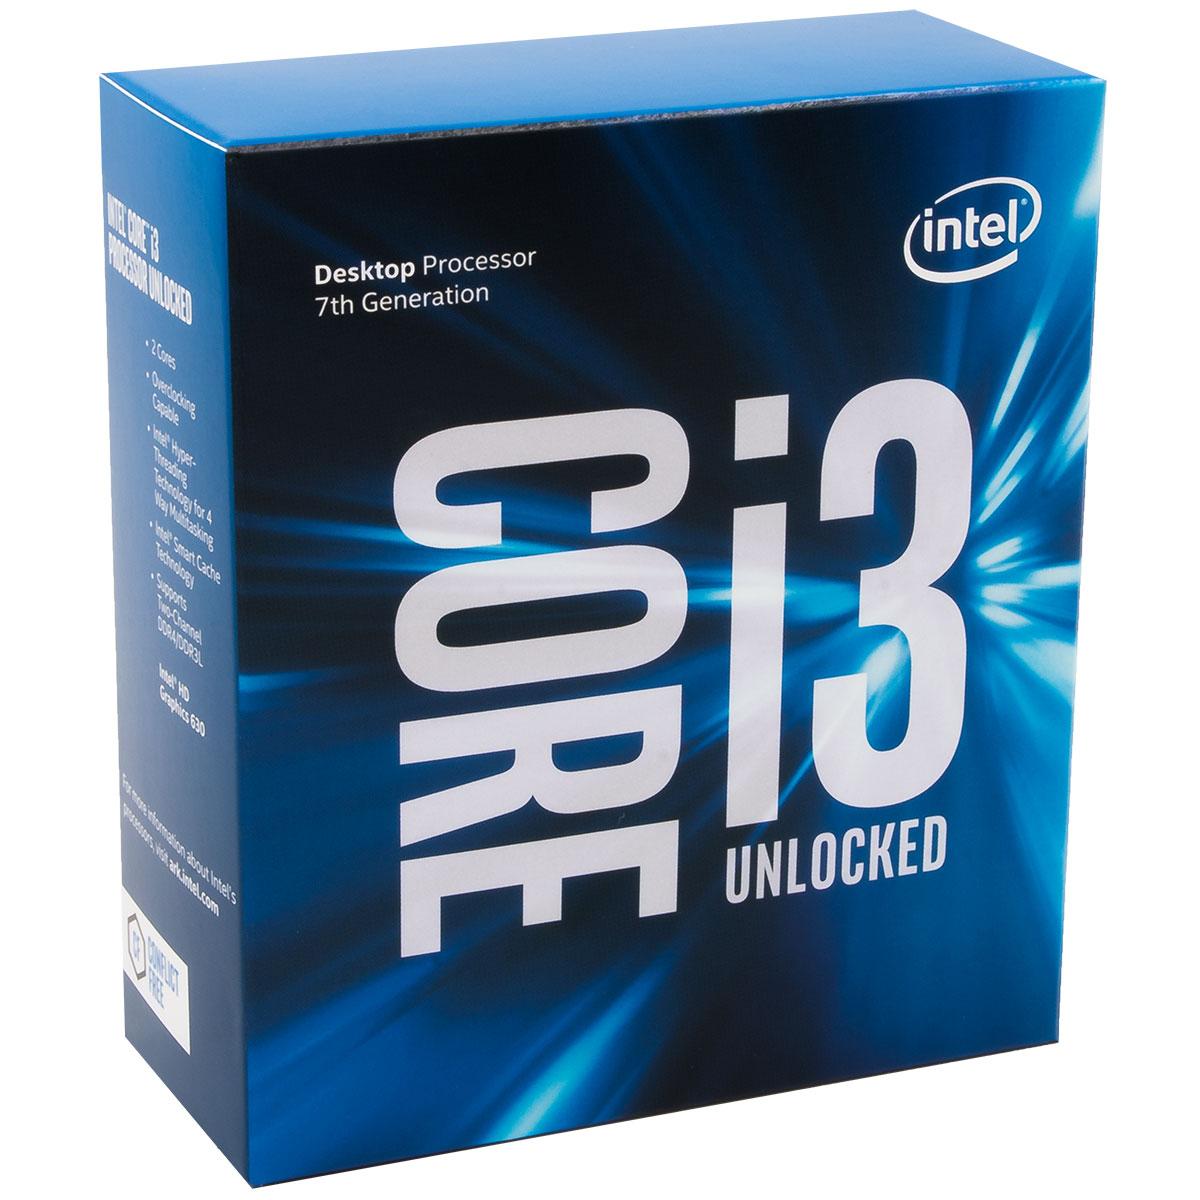 Processeur Intel Core i3-7350K (4.2 GHz) Processeur Dual Core Socket 1151 Cache L3 4 Mo Intel HD Graphics 630 0.014 micron (version boîte sans ventilateur - garantie Intel 3 ans)